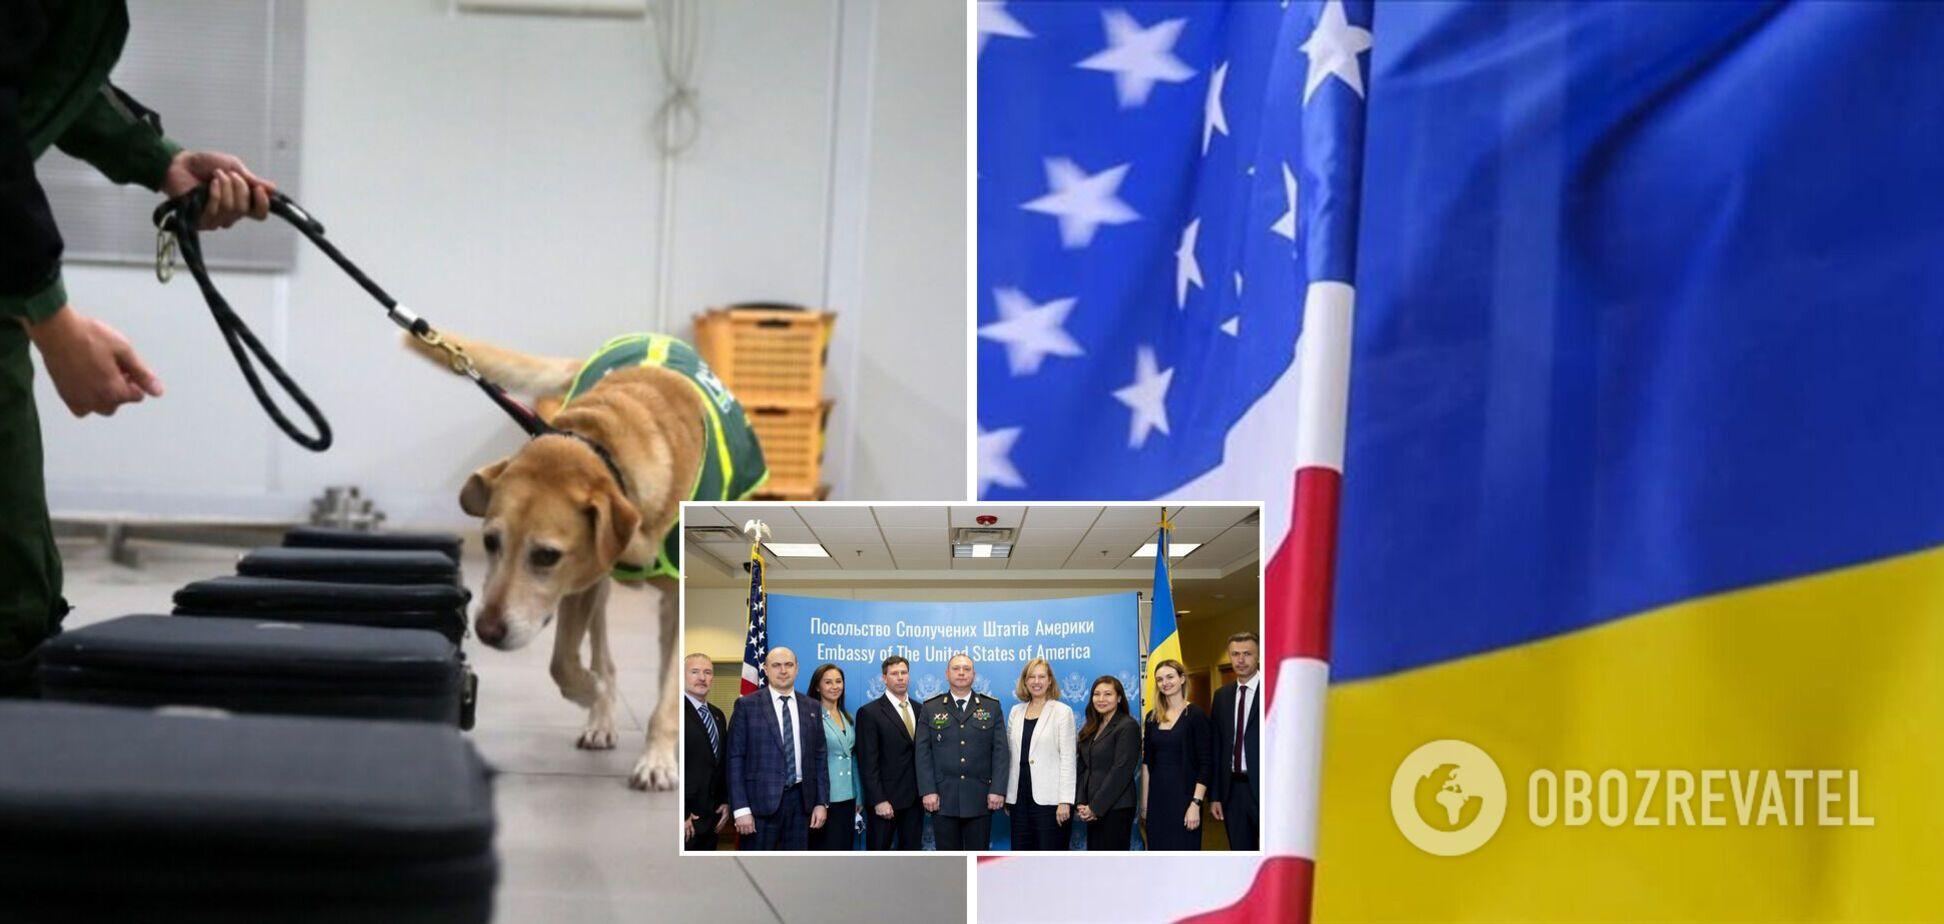 Украина и США совместно будут противодействовать обороту наркотиков, подписан меморандум. Фото